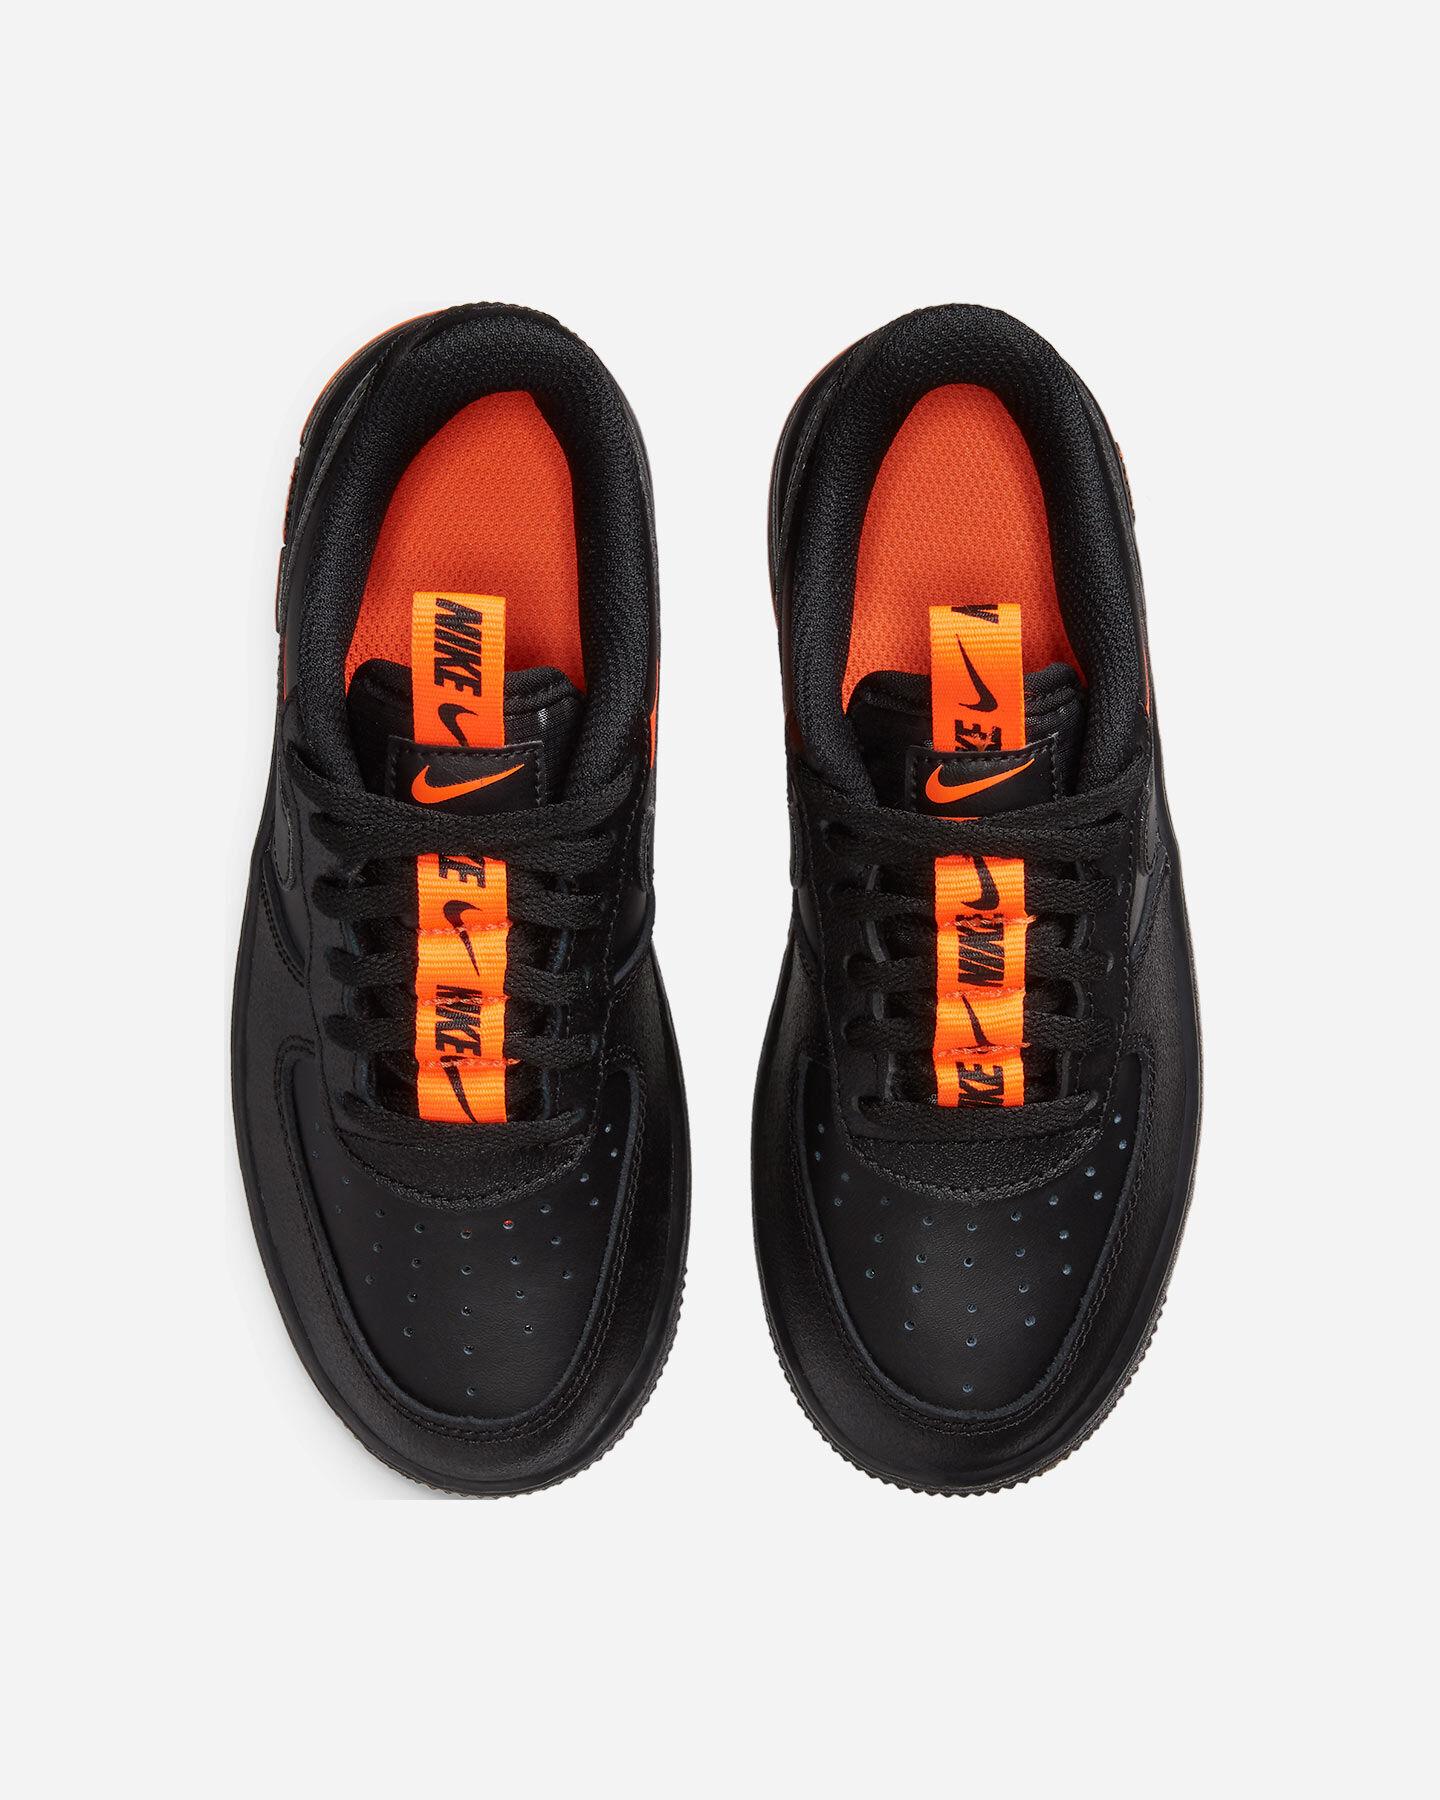 Scarpe Sportive Nike Air Force 1 Lv8 Ksa Ps Jr CT4681-001 ...